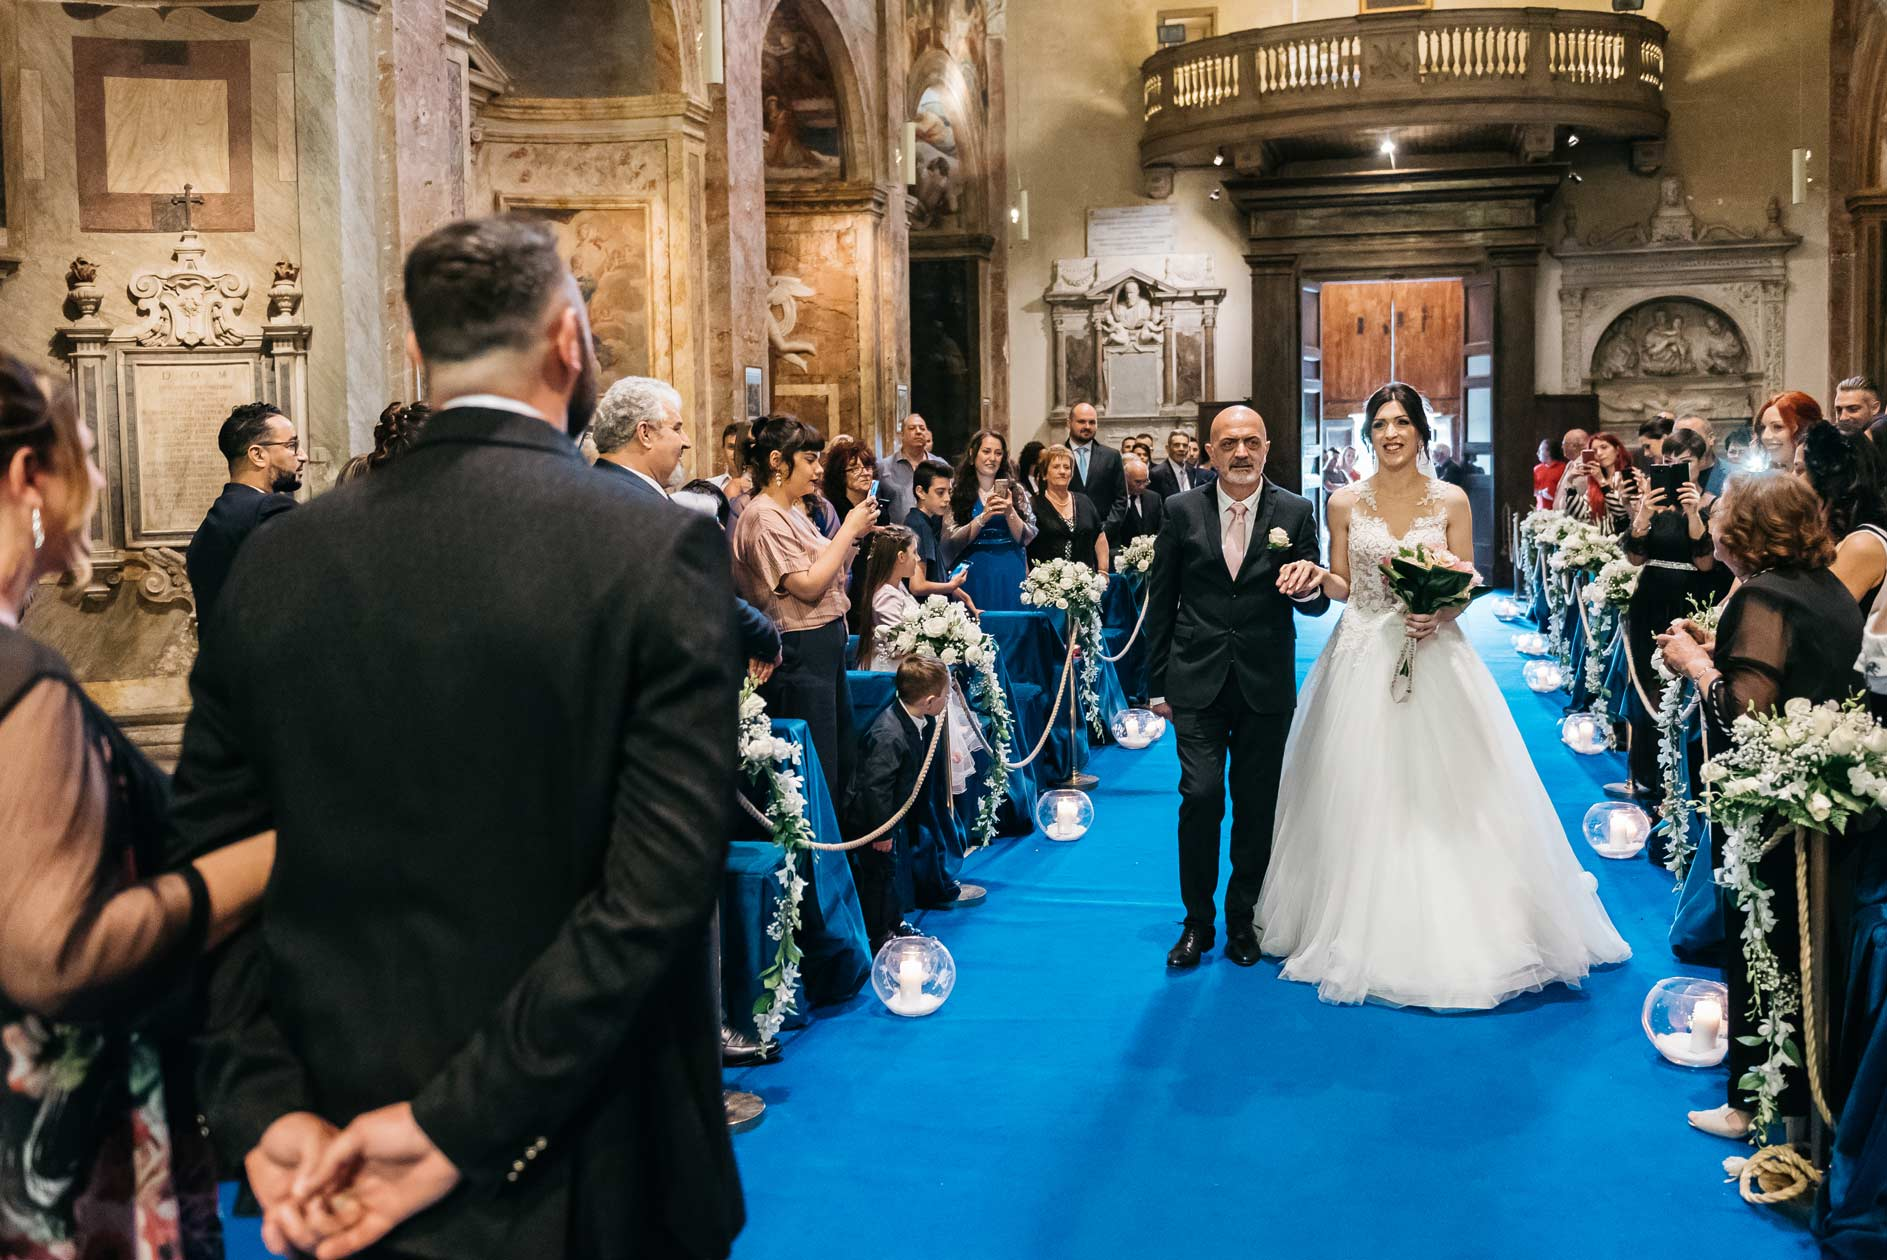 Fotografo-Matrimonio-Roma-Fotoreportage-Fotografo-Sposi-A&D